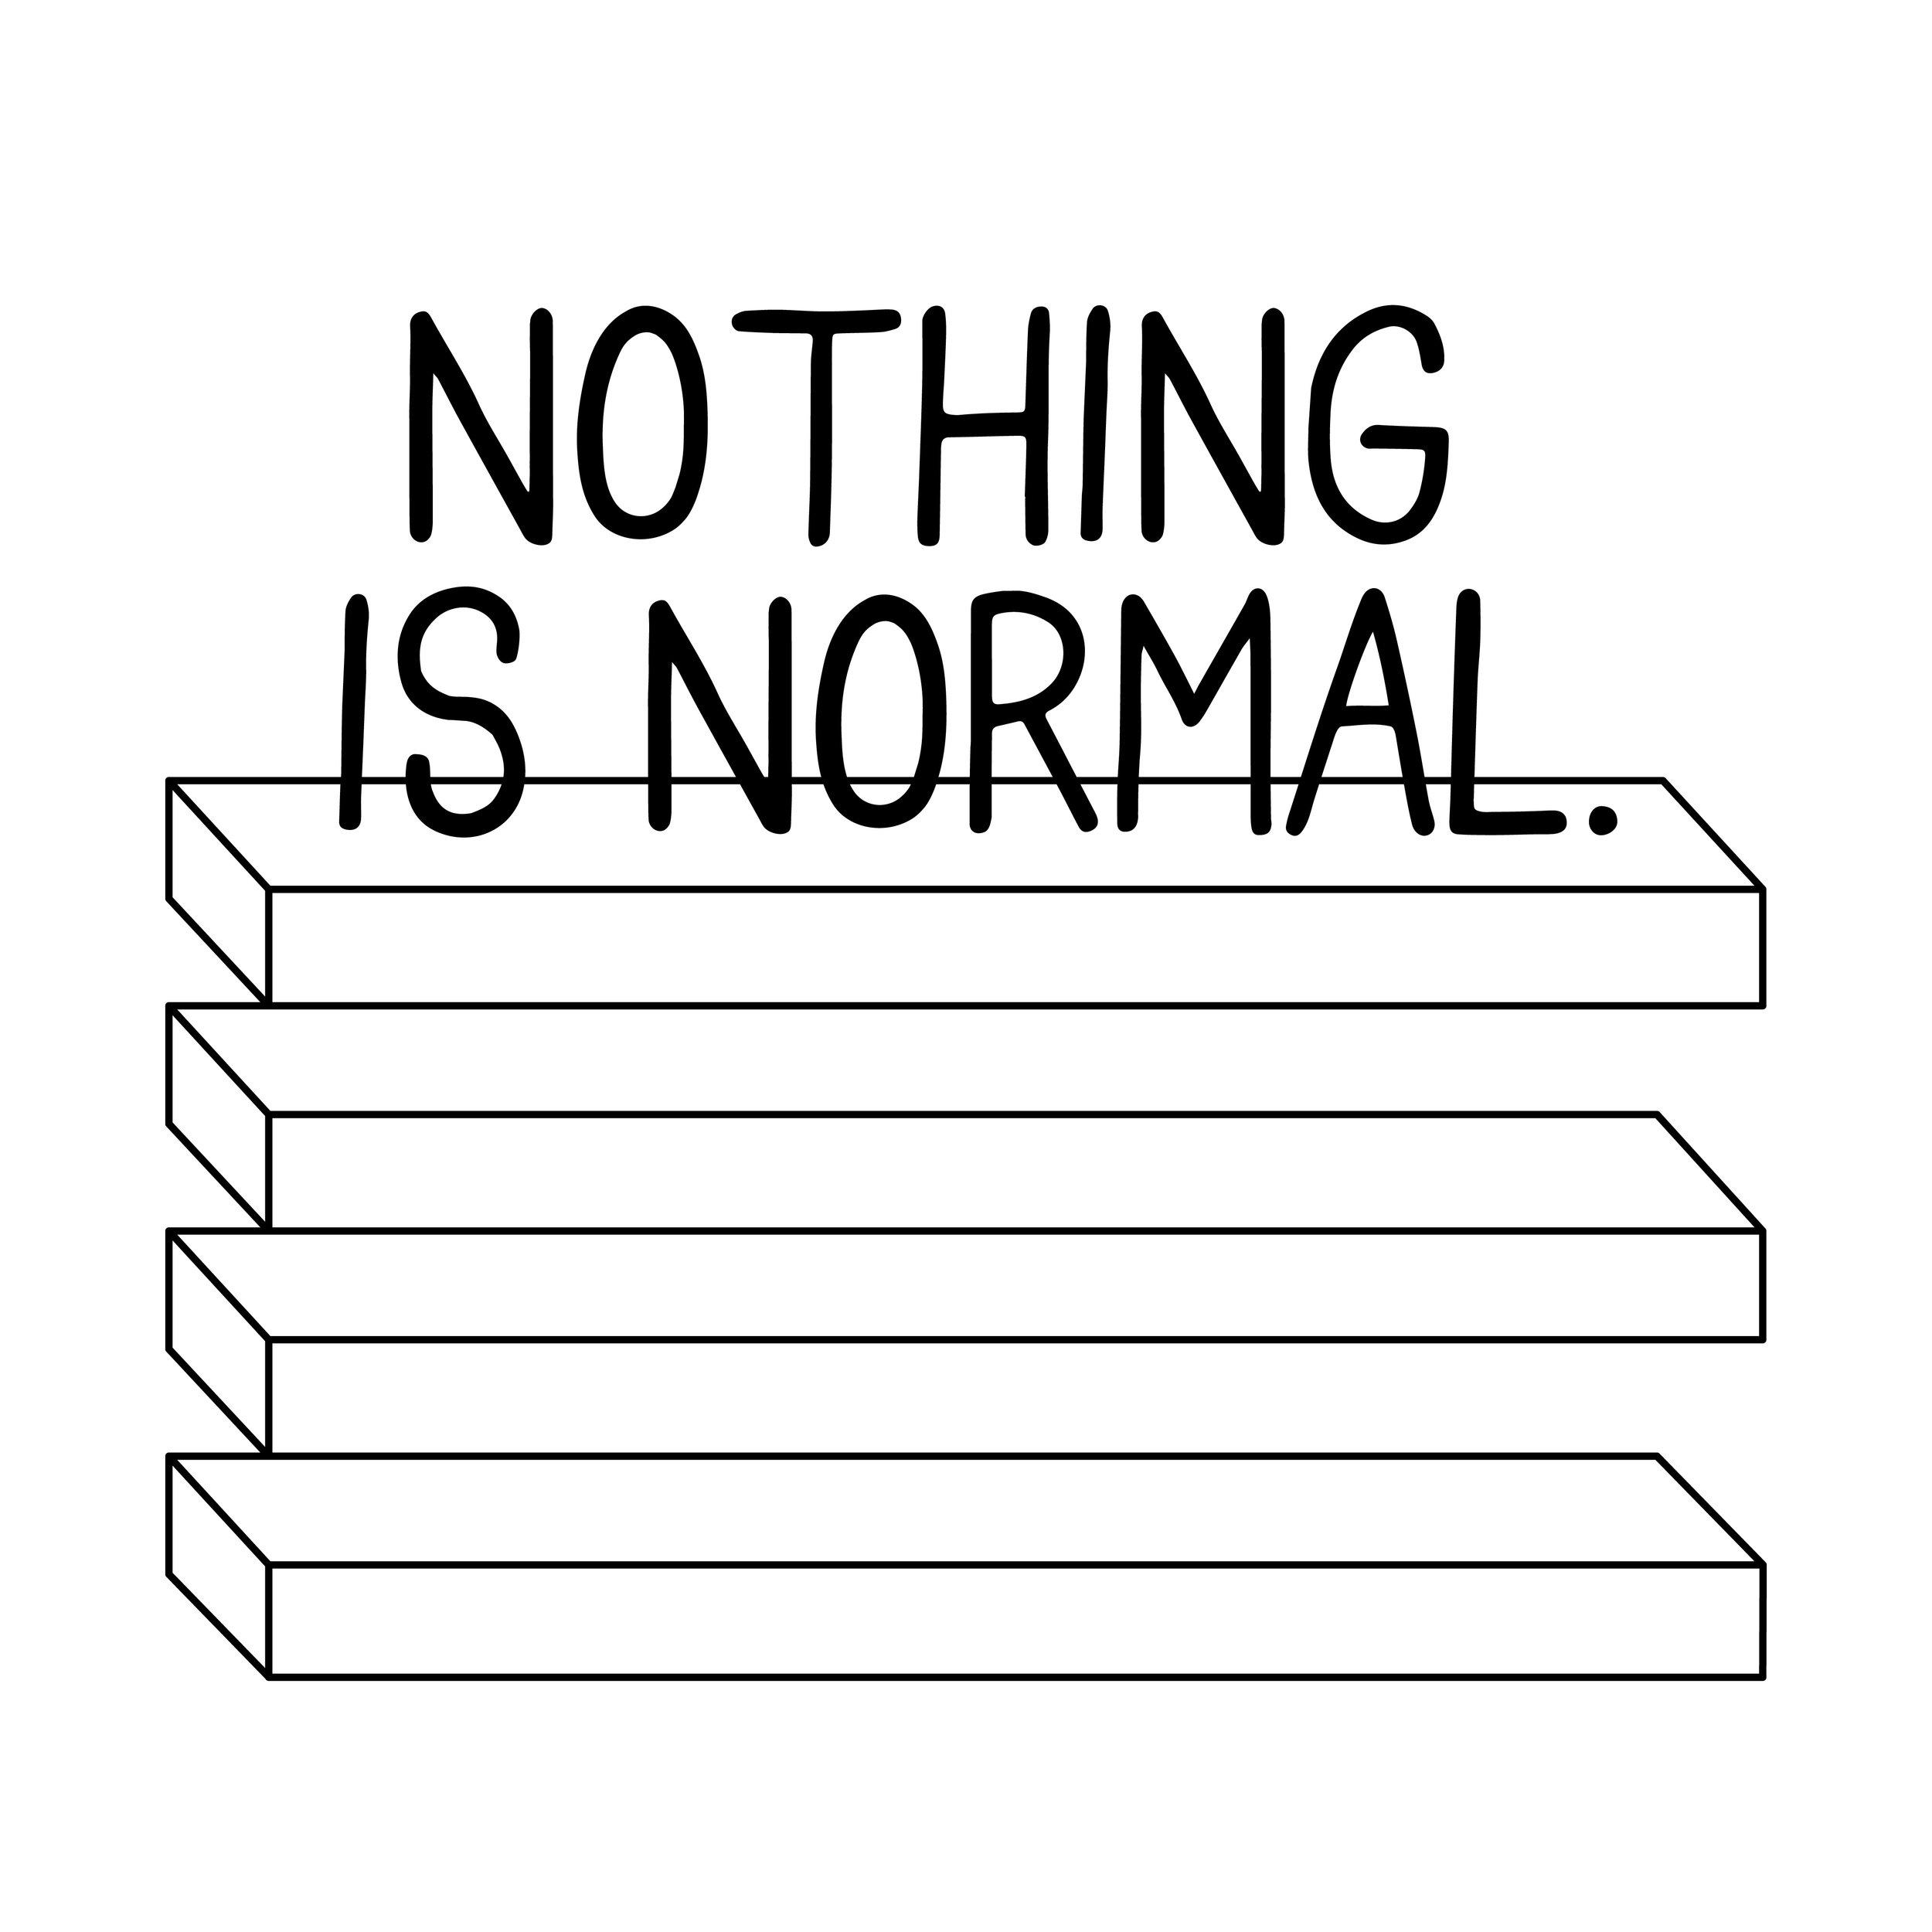 normal-01.jpg